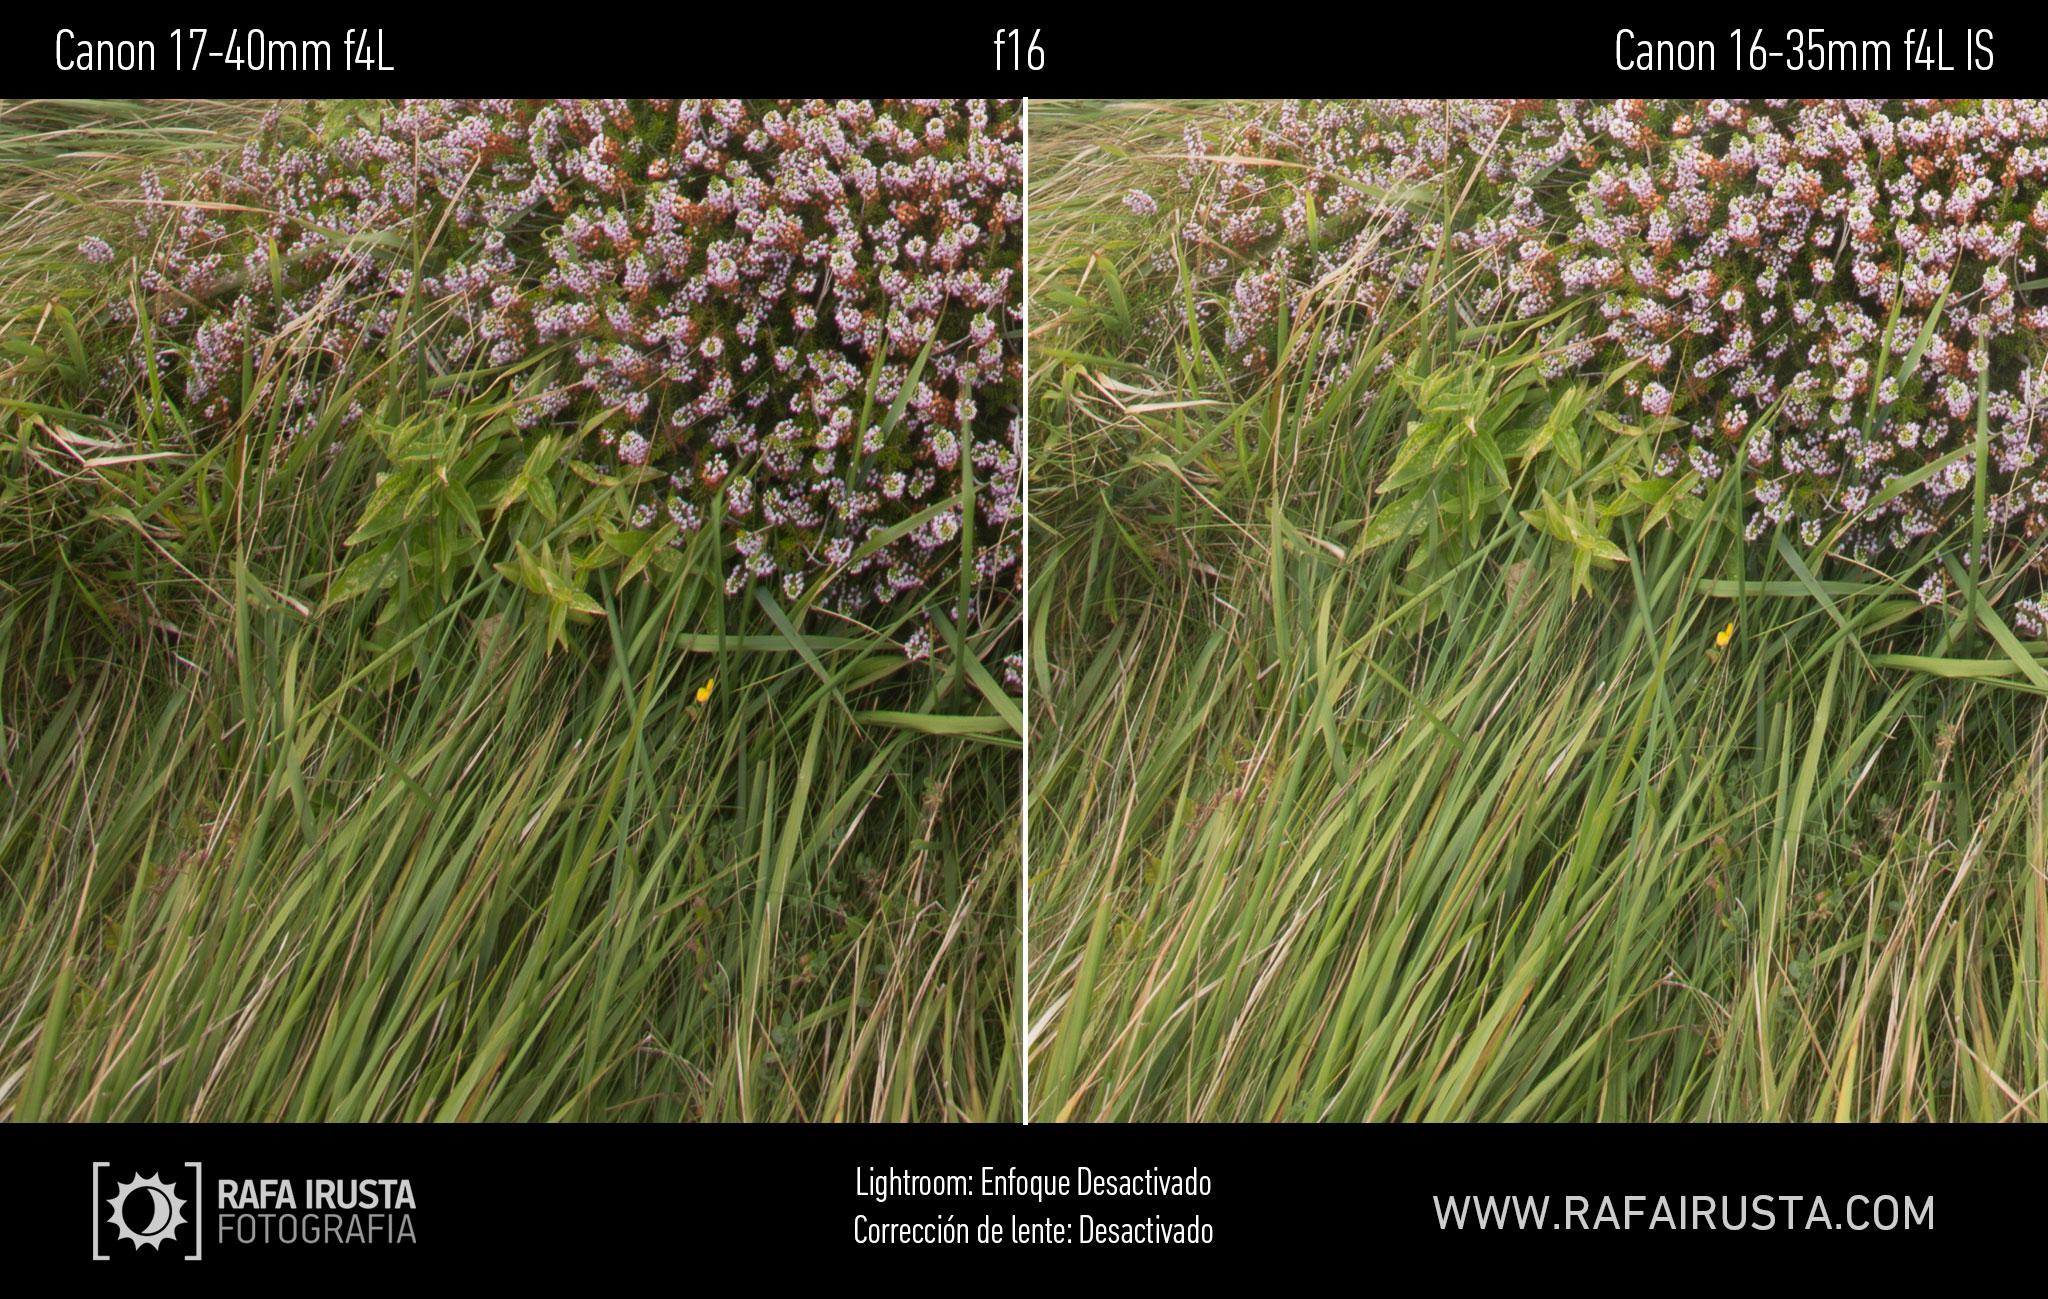 Prueba Canon 16-35mm f/4L IS, comparativa 17-40 vs 16-35 sin enfoque y sin ajuste de perfil, f16